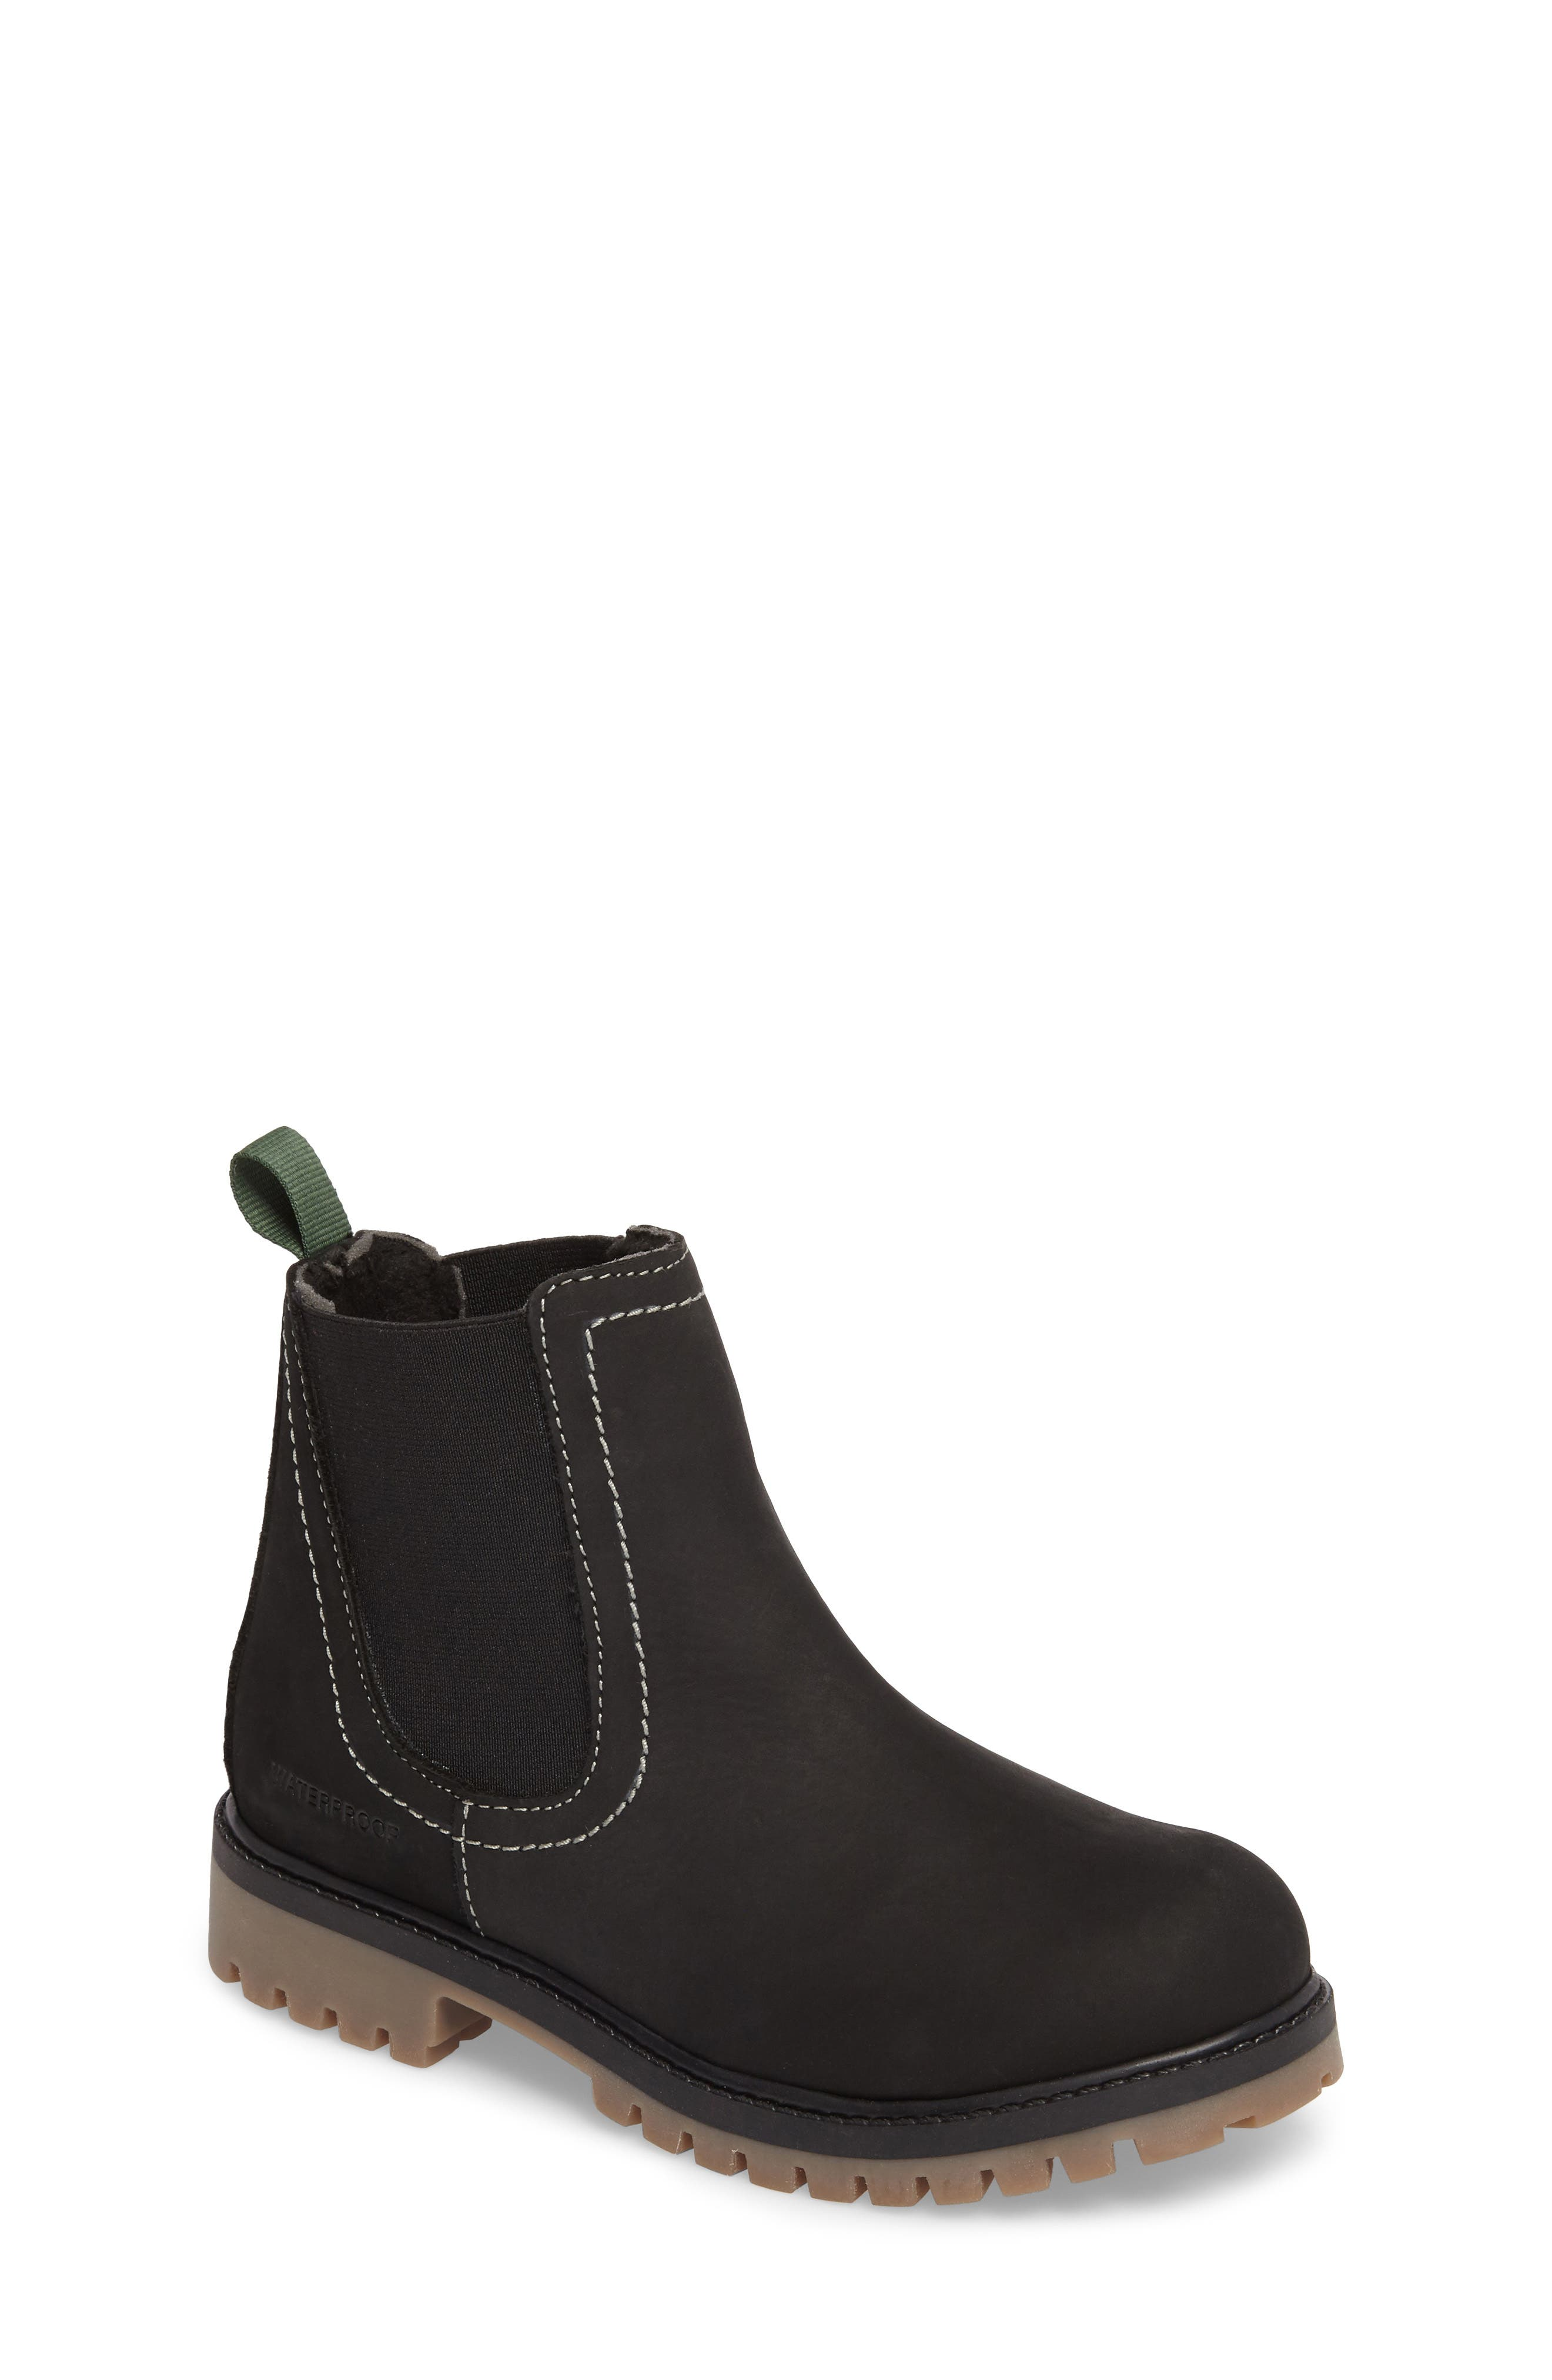 TakodaC Waterproof Chelsea Boot,                         Main,                         color, Black